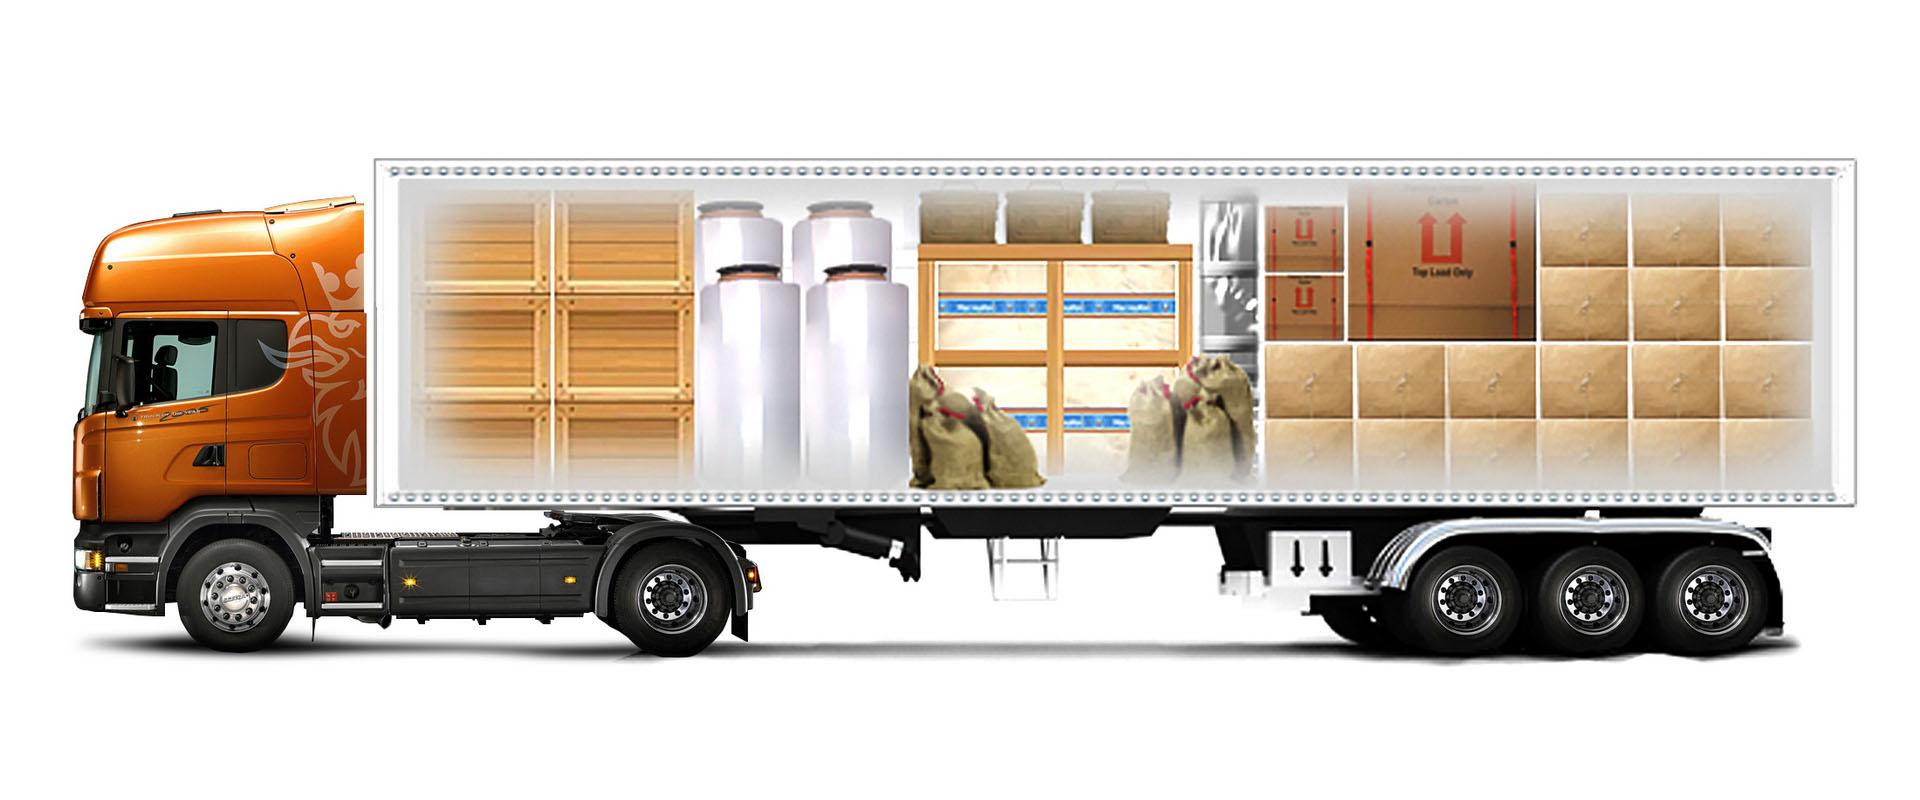 доставка сборных грузов из европы в россию автотранспортом